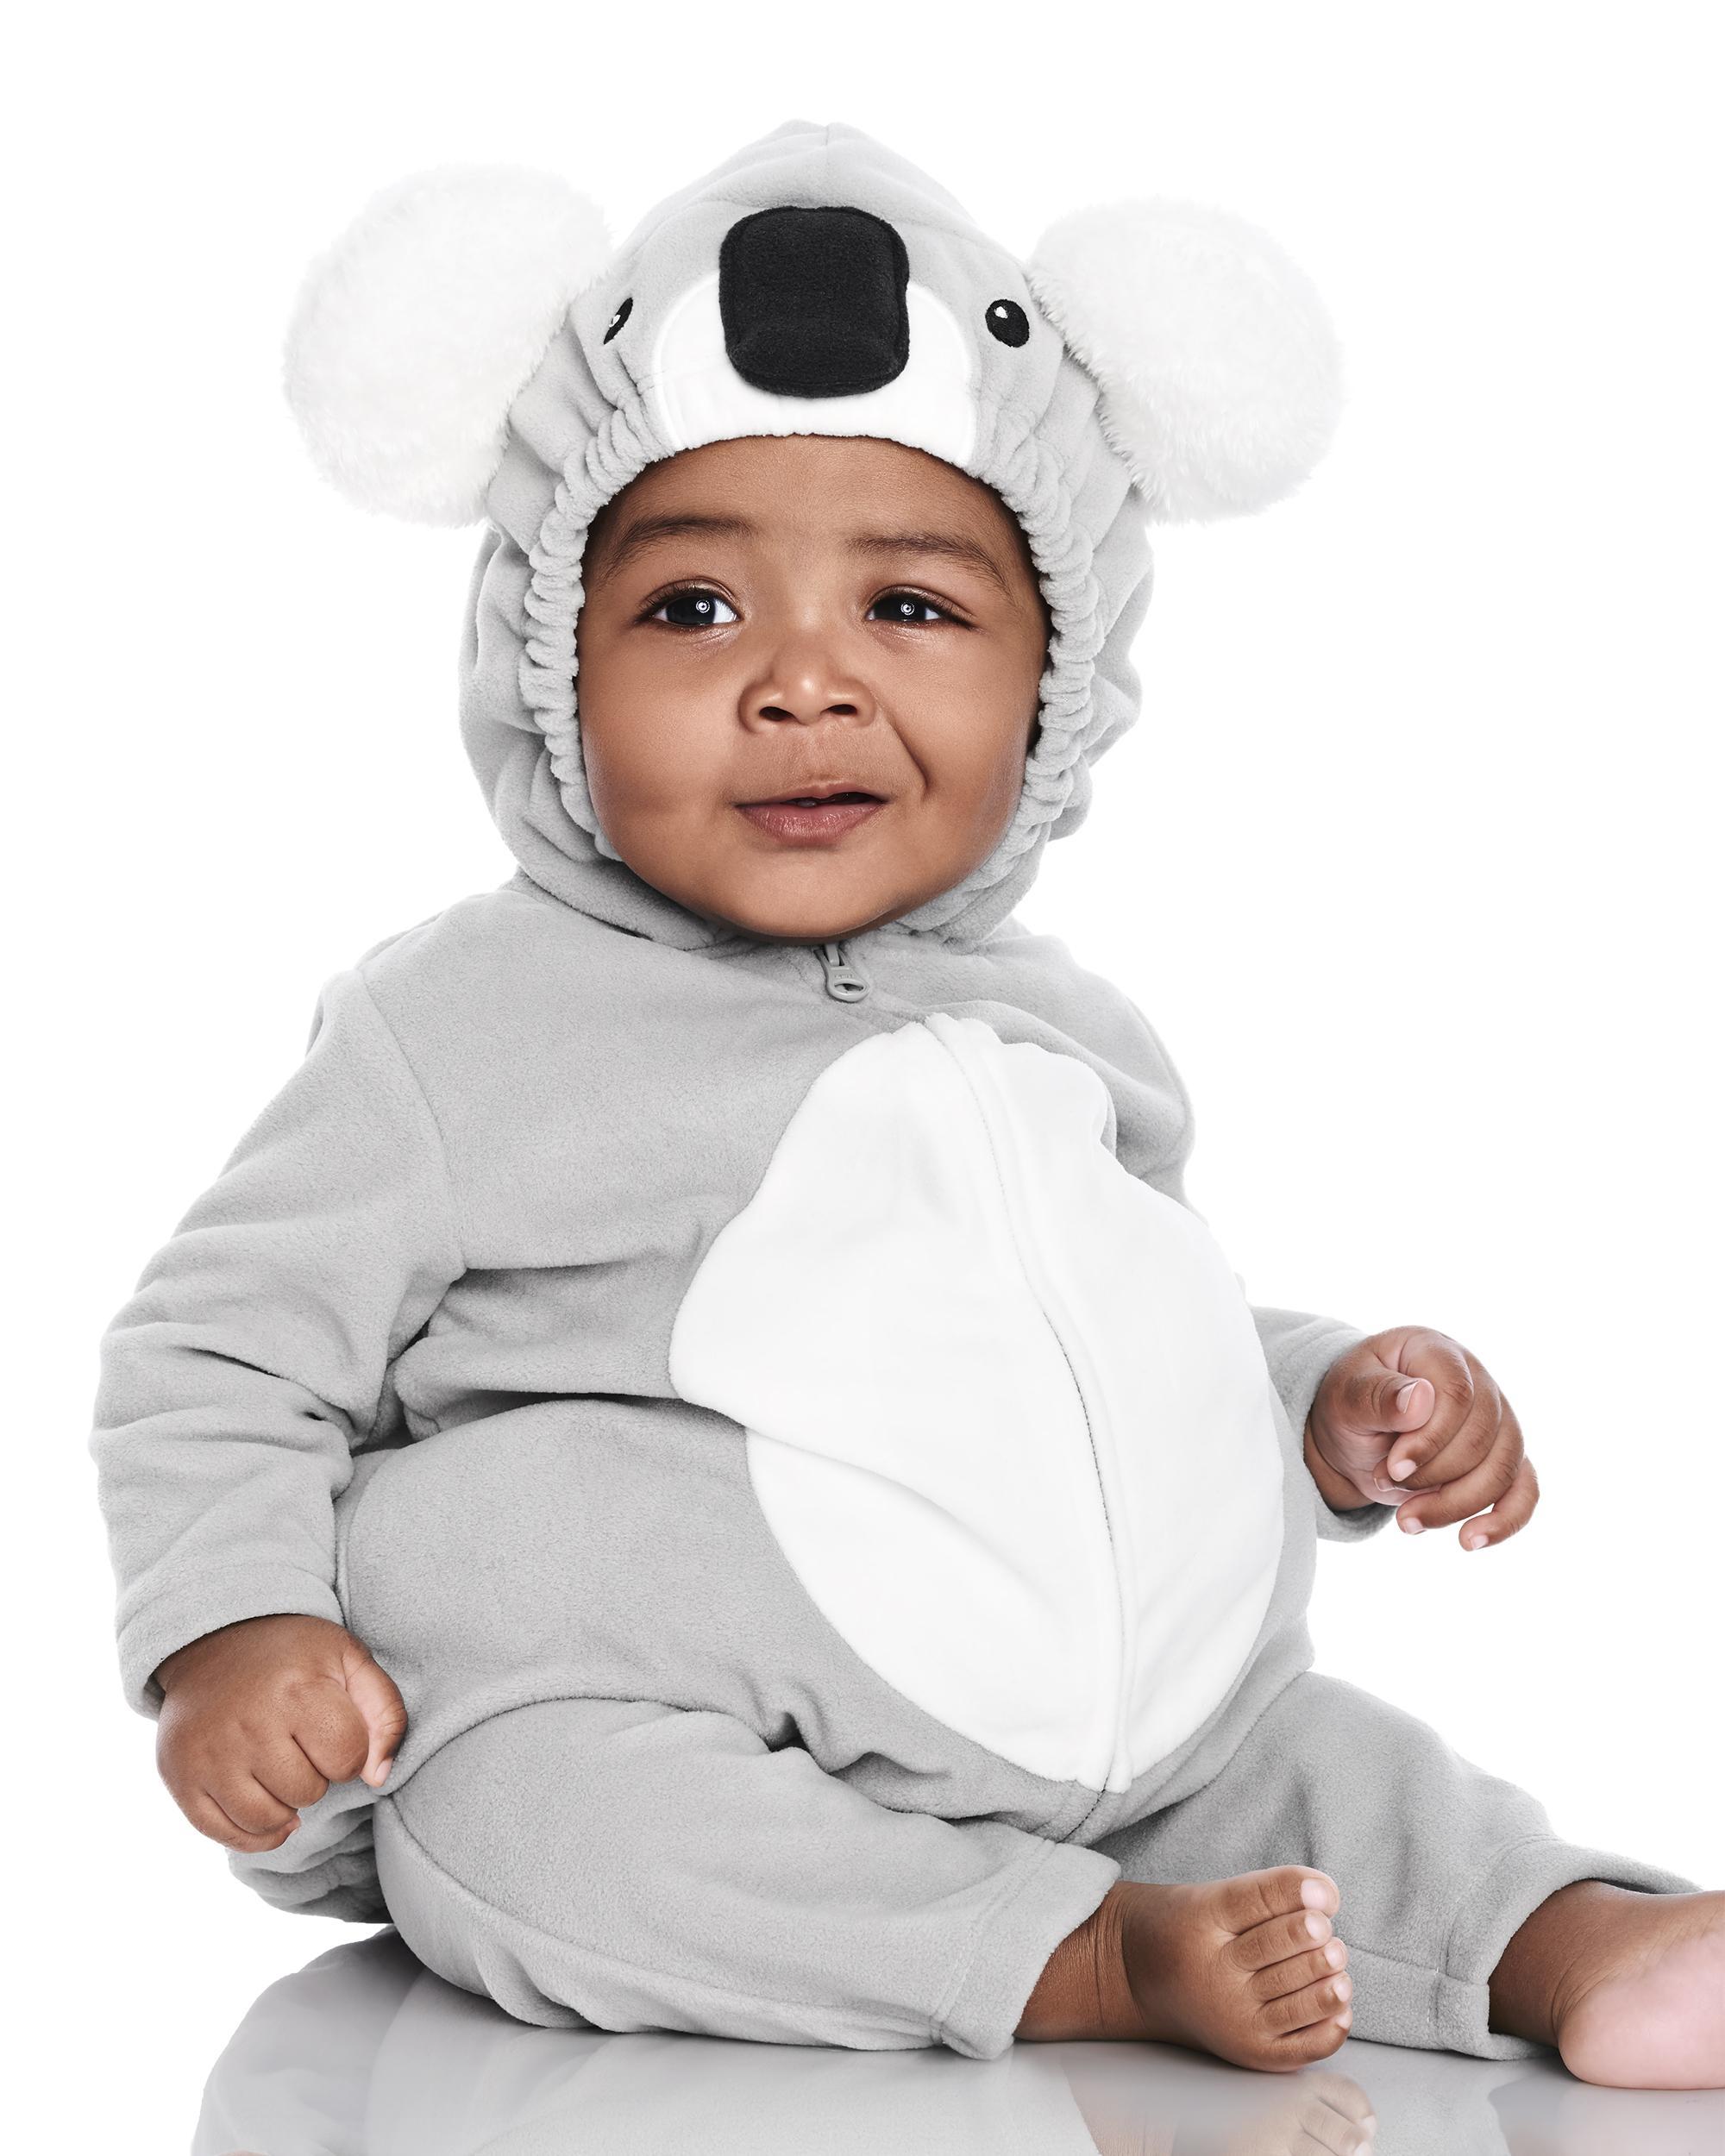 Carters Halloween Costume Baby 2 Pieces